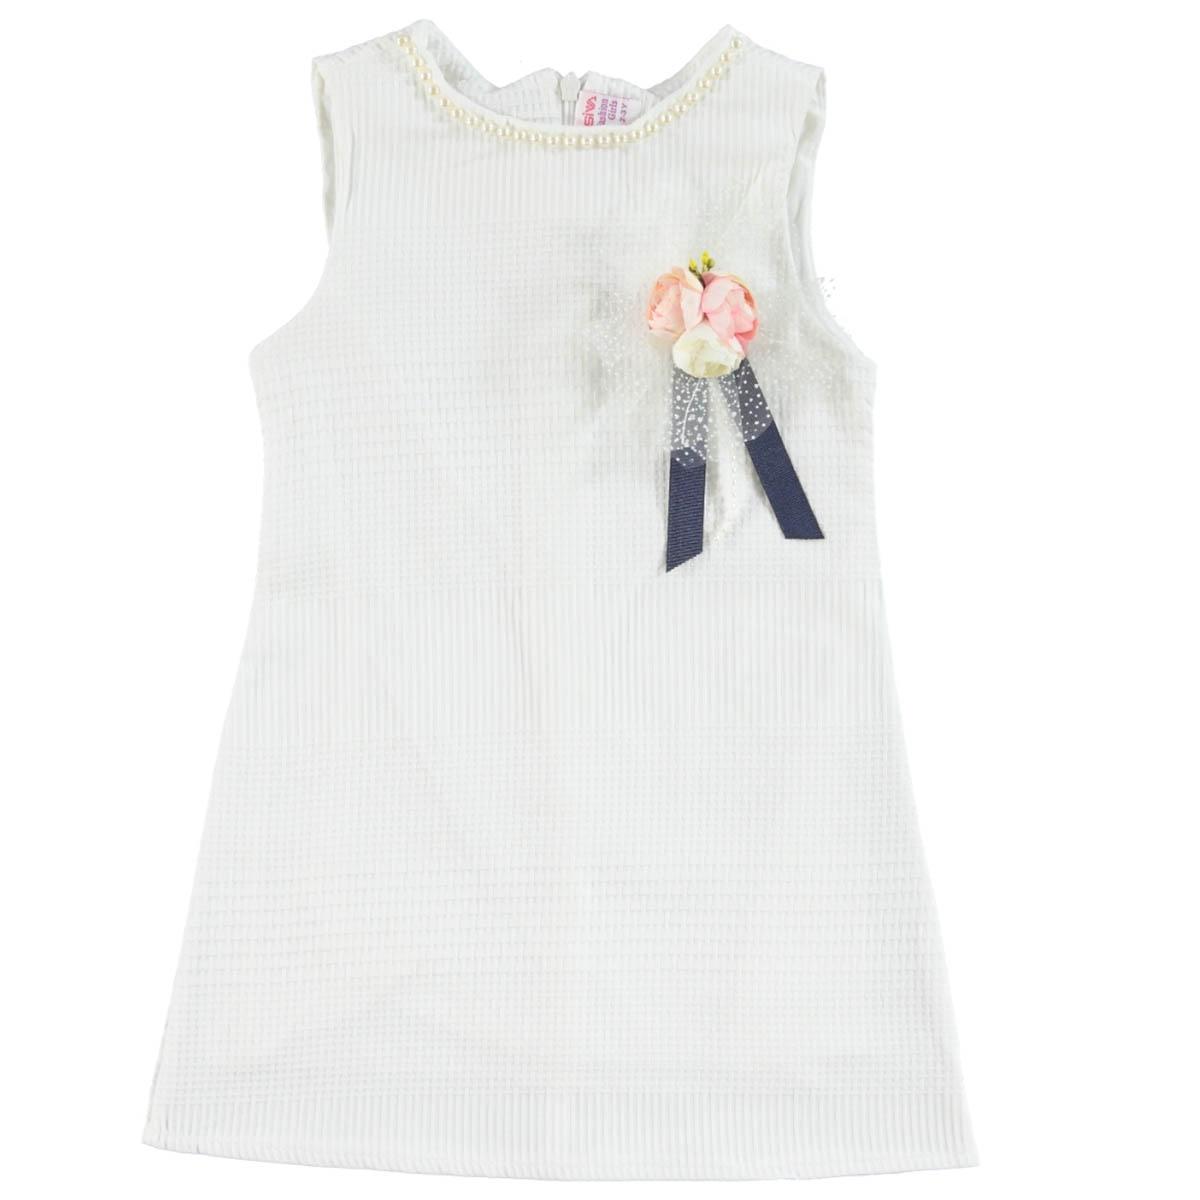 39591f8df1d32 Missiva 18032 / EKR Missiva Kız Çocuk Elbise 10-13 Yaş Ekru